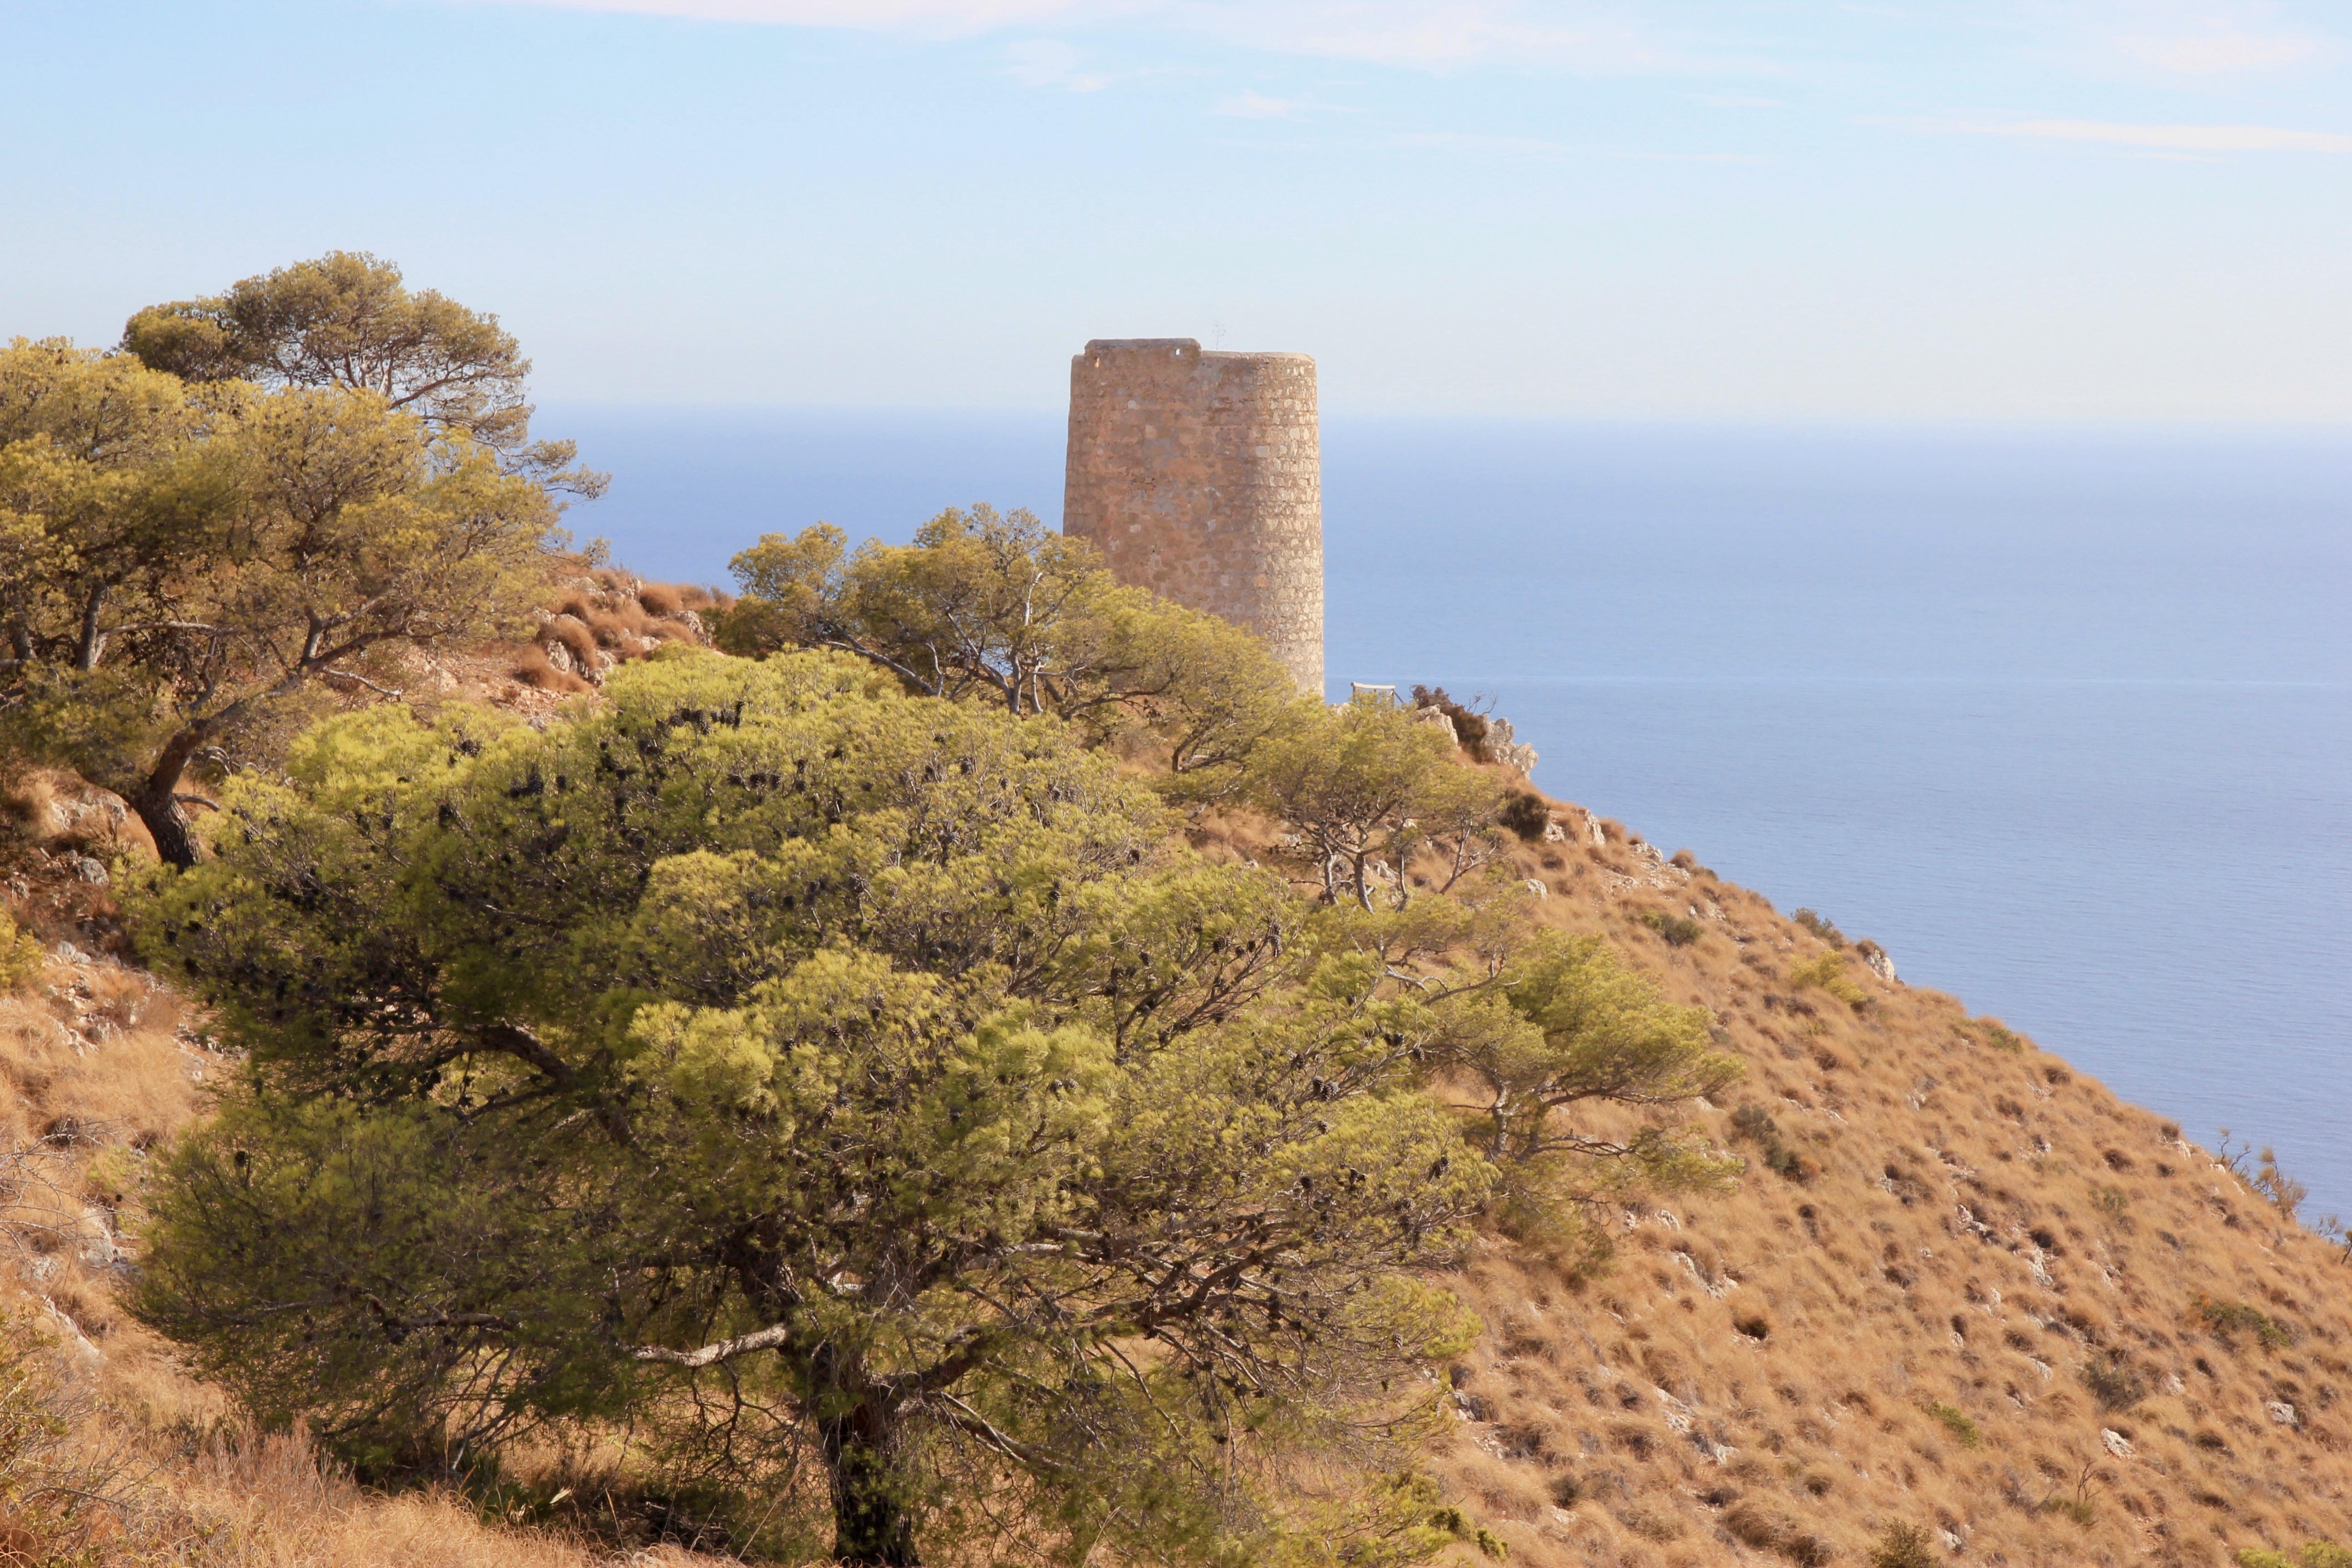 Mirador de Cerro Gordo